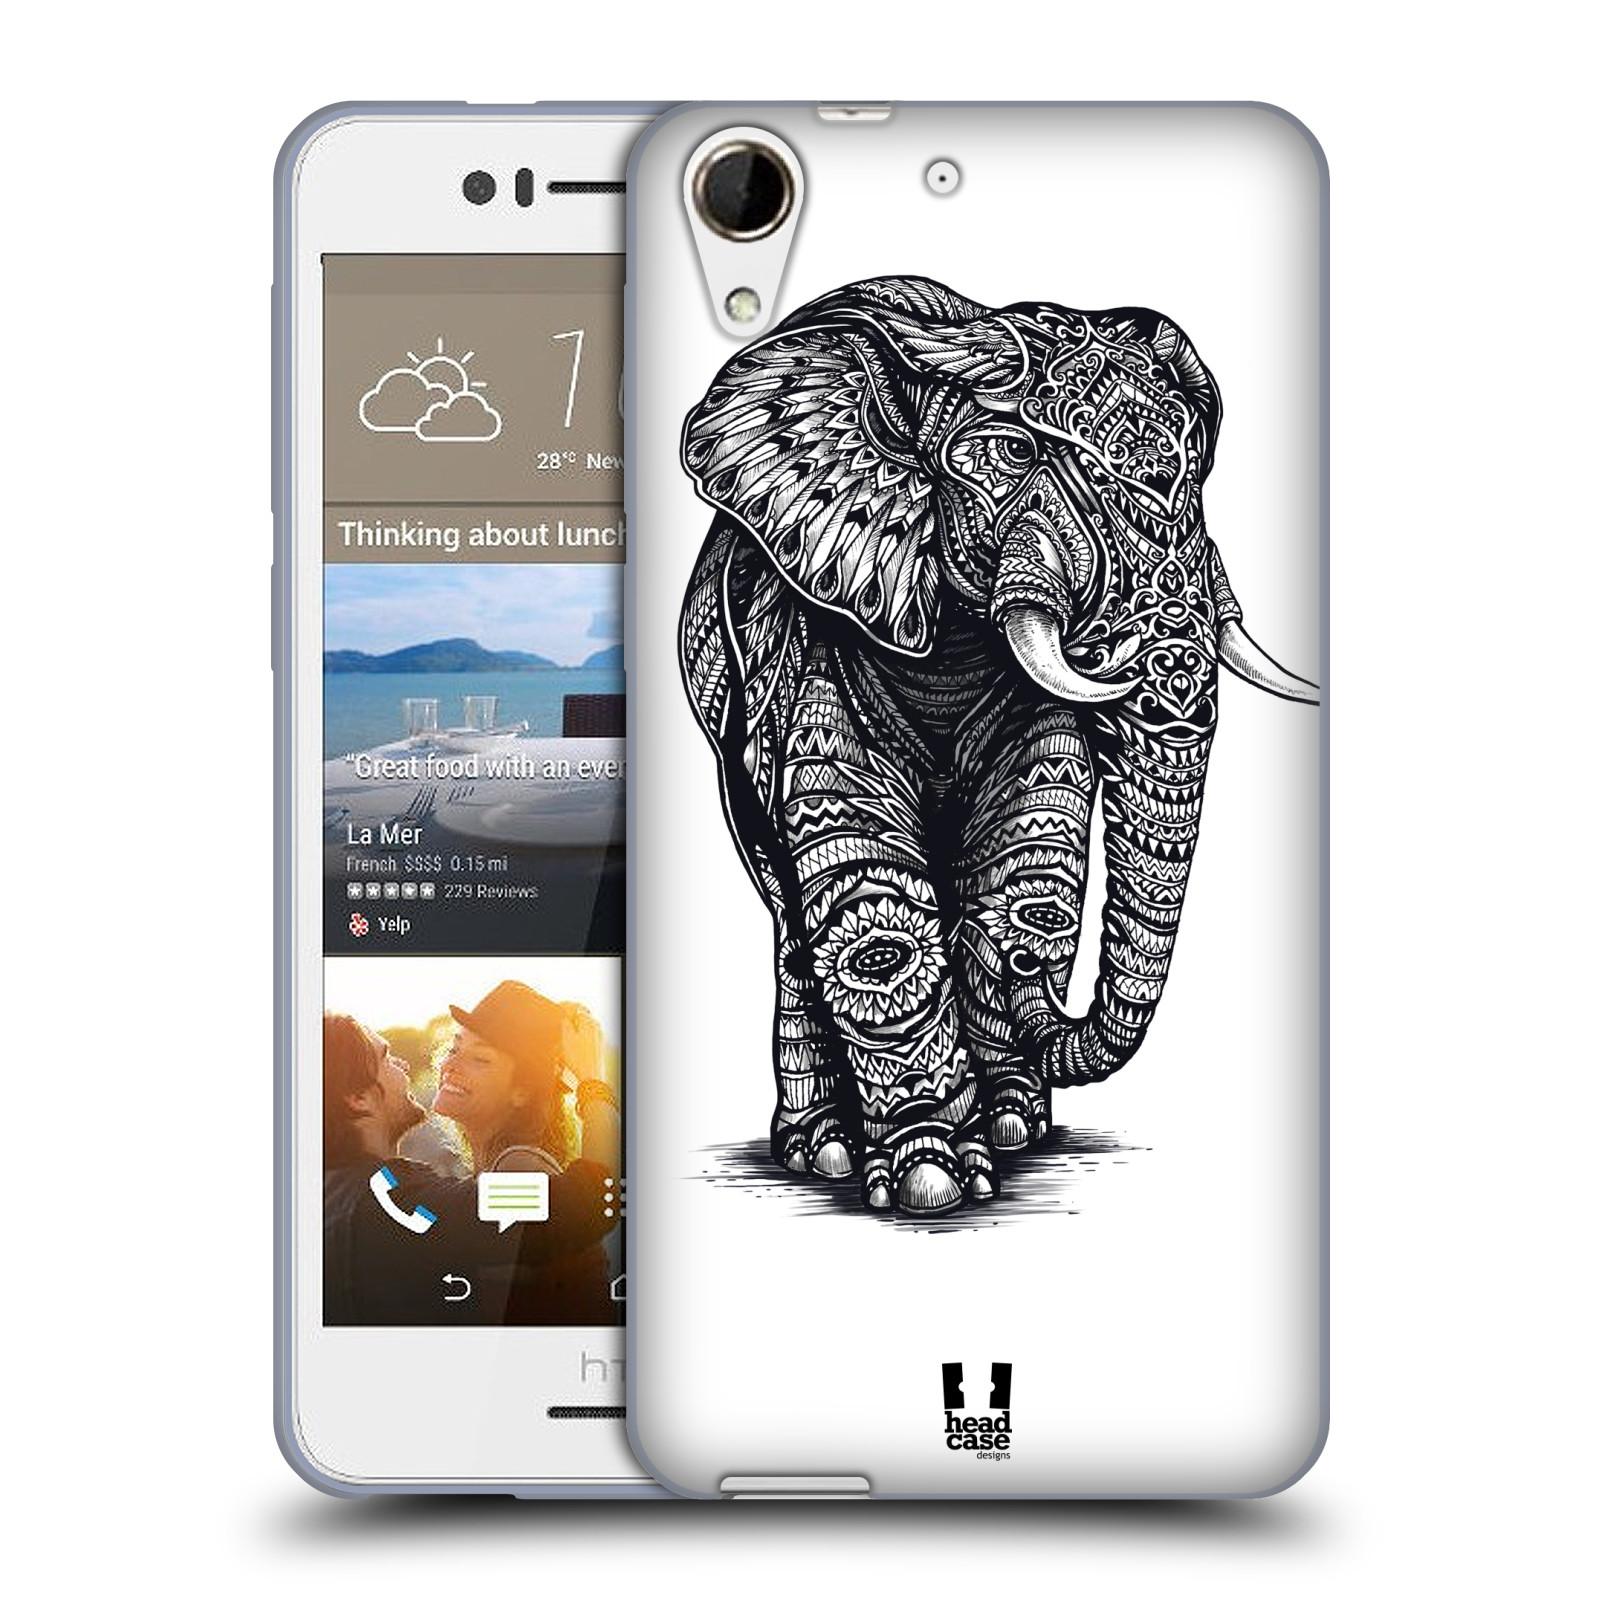 Silikonové pouzdro na mobil HTC Desire 728G Dual SIM HEAD CASE Zdobený Slon (Silikonový kryt či obal na mobilní telefon HTC Desire 728 G Dual SIM)